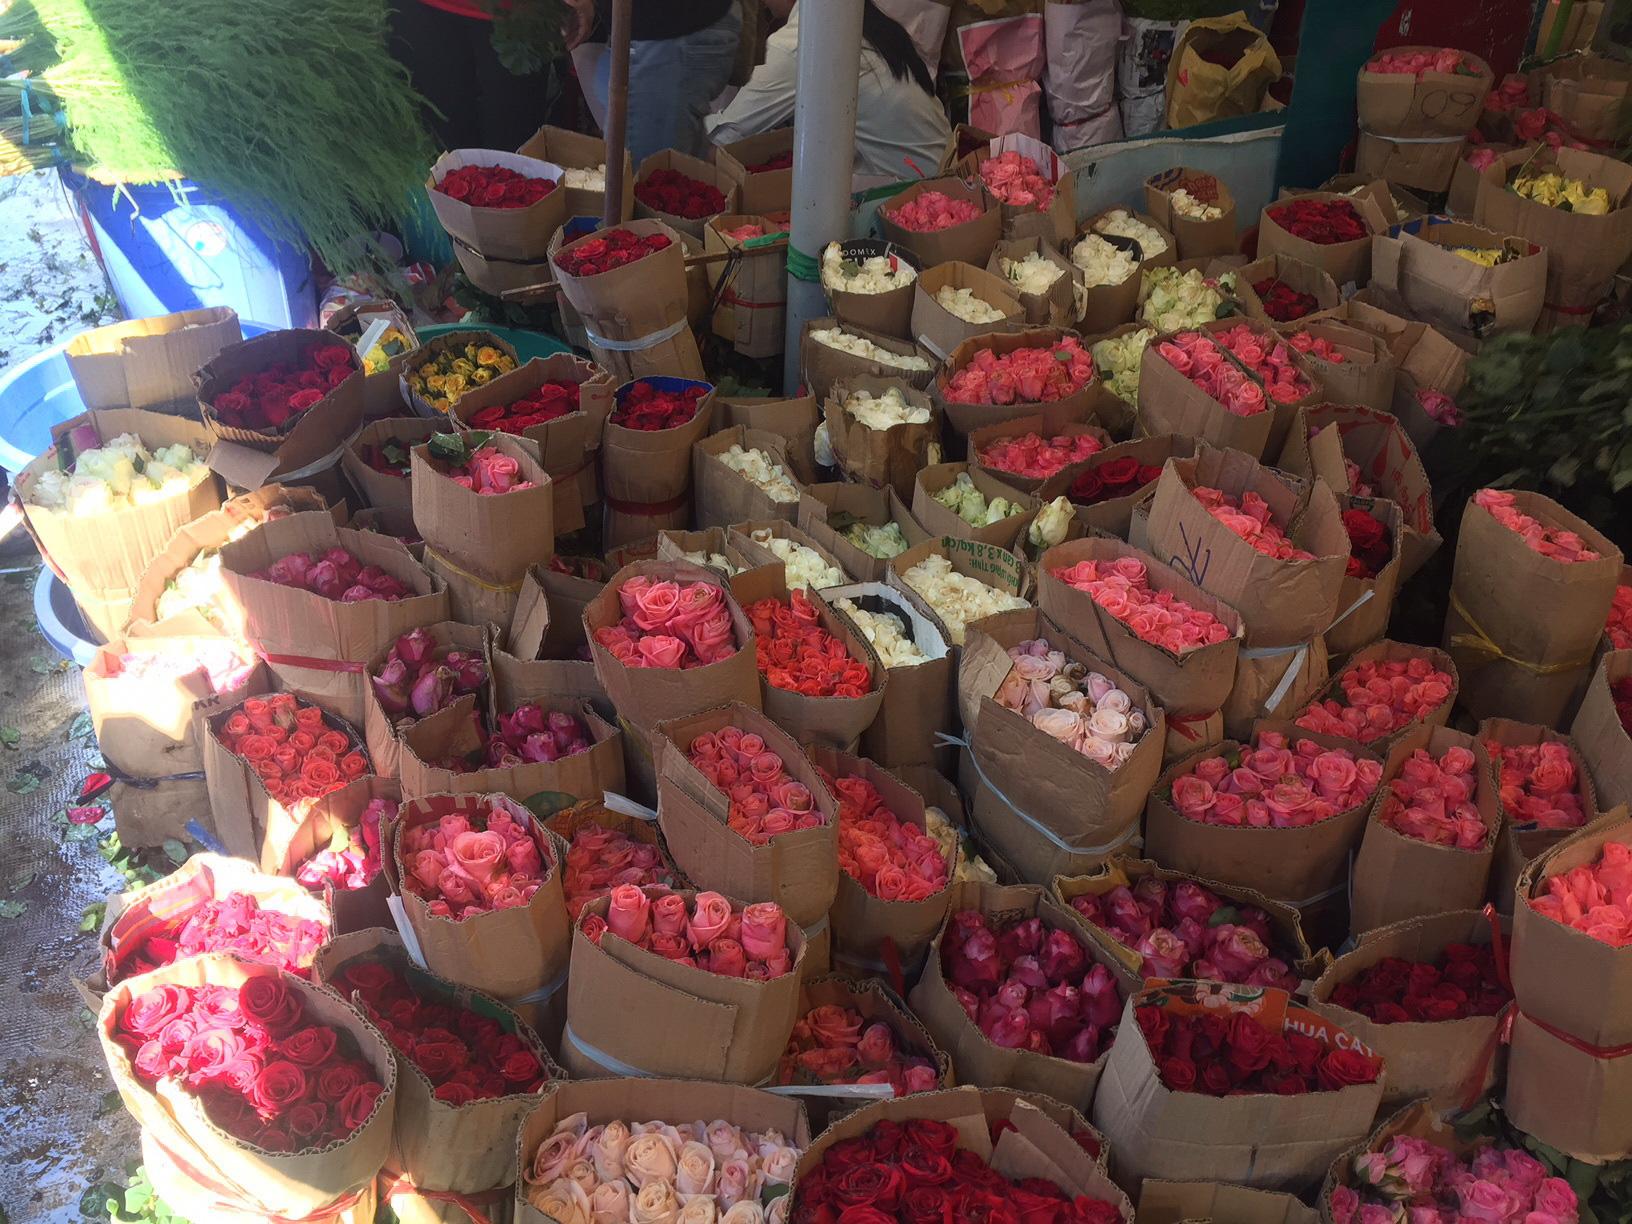 Giá hoa tươi đồng loạt giảm trước ngày 20-10  - Ảnh 1.